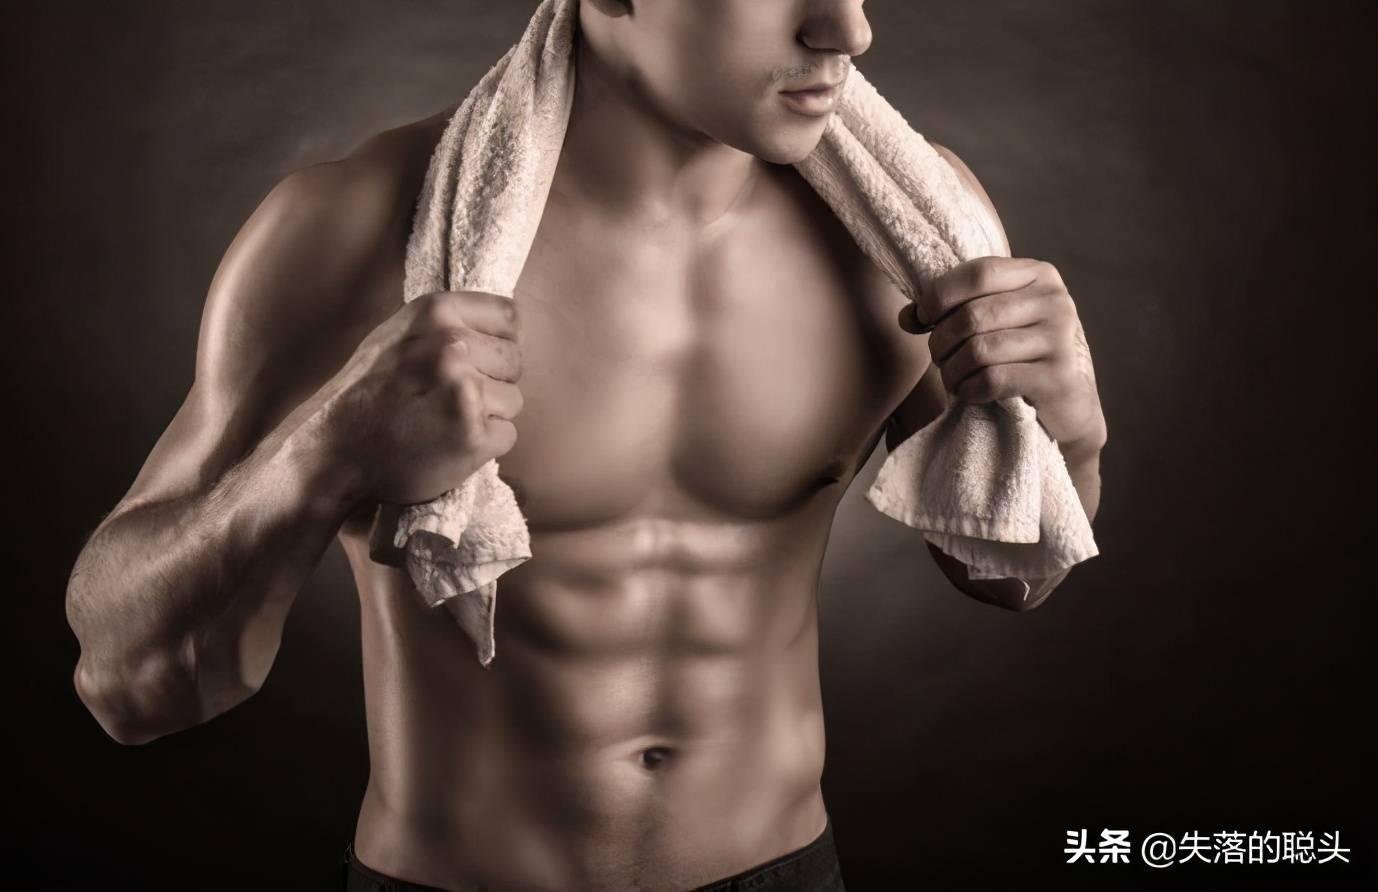 肌肉率高意味什么(你的肌肉率达标了吗)插图(3)